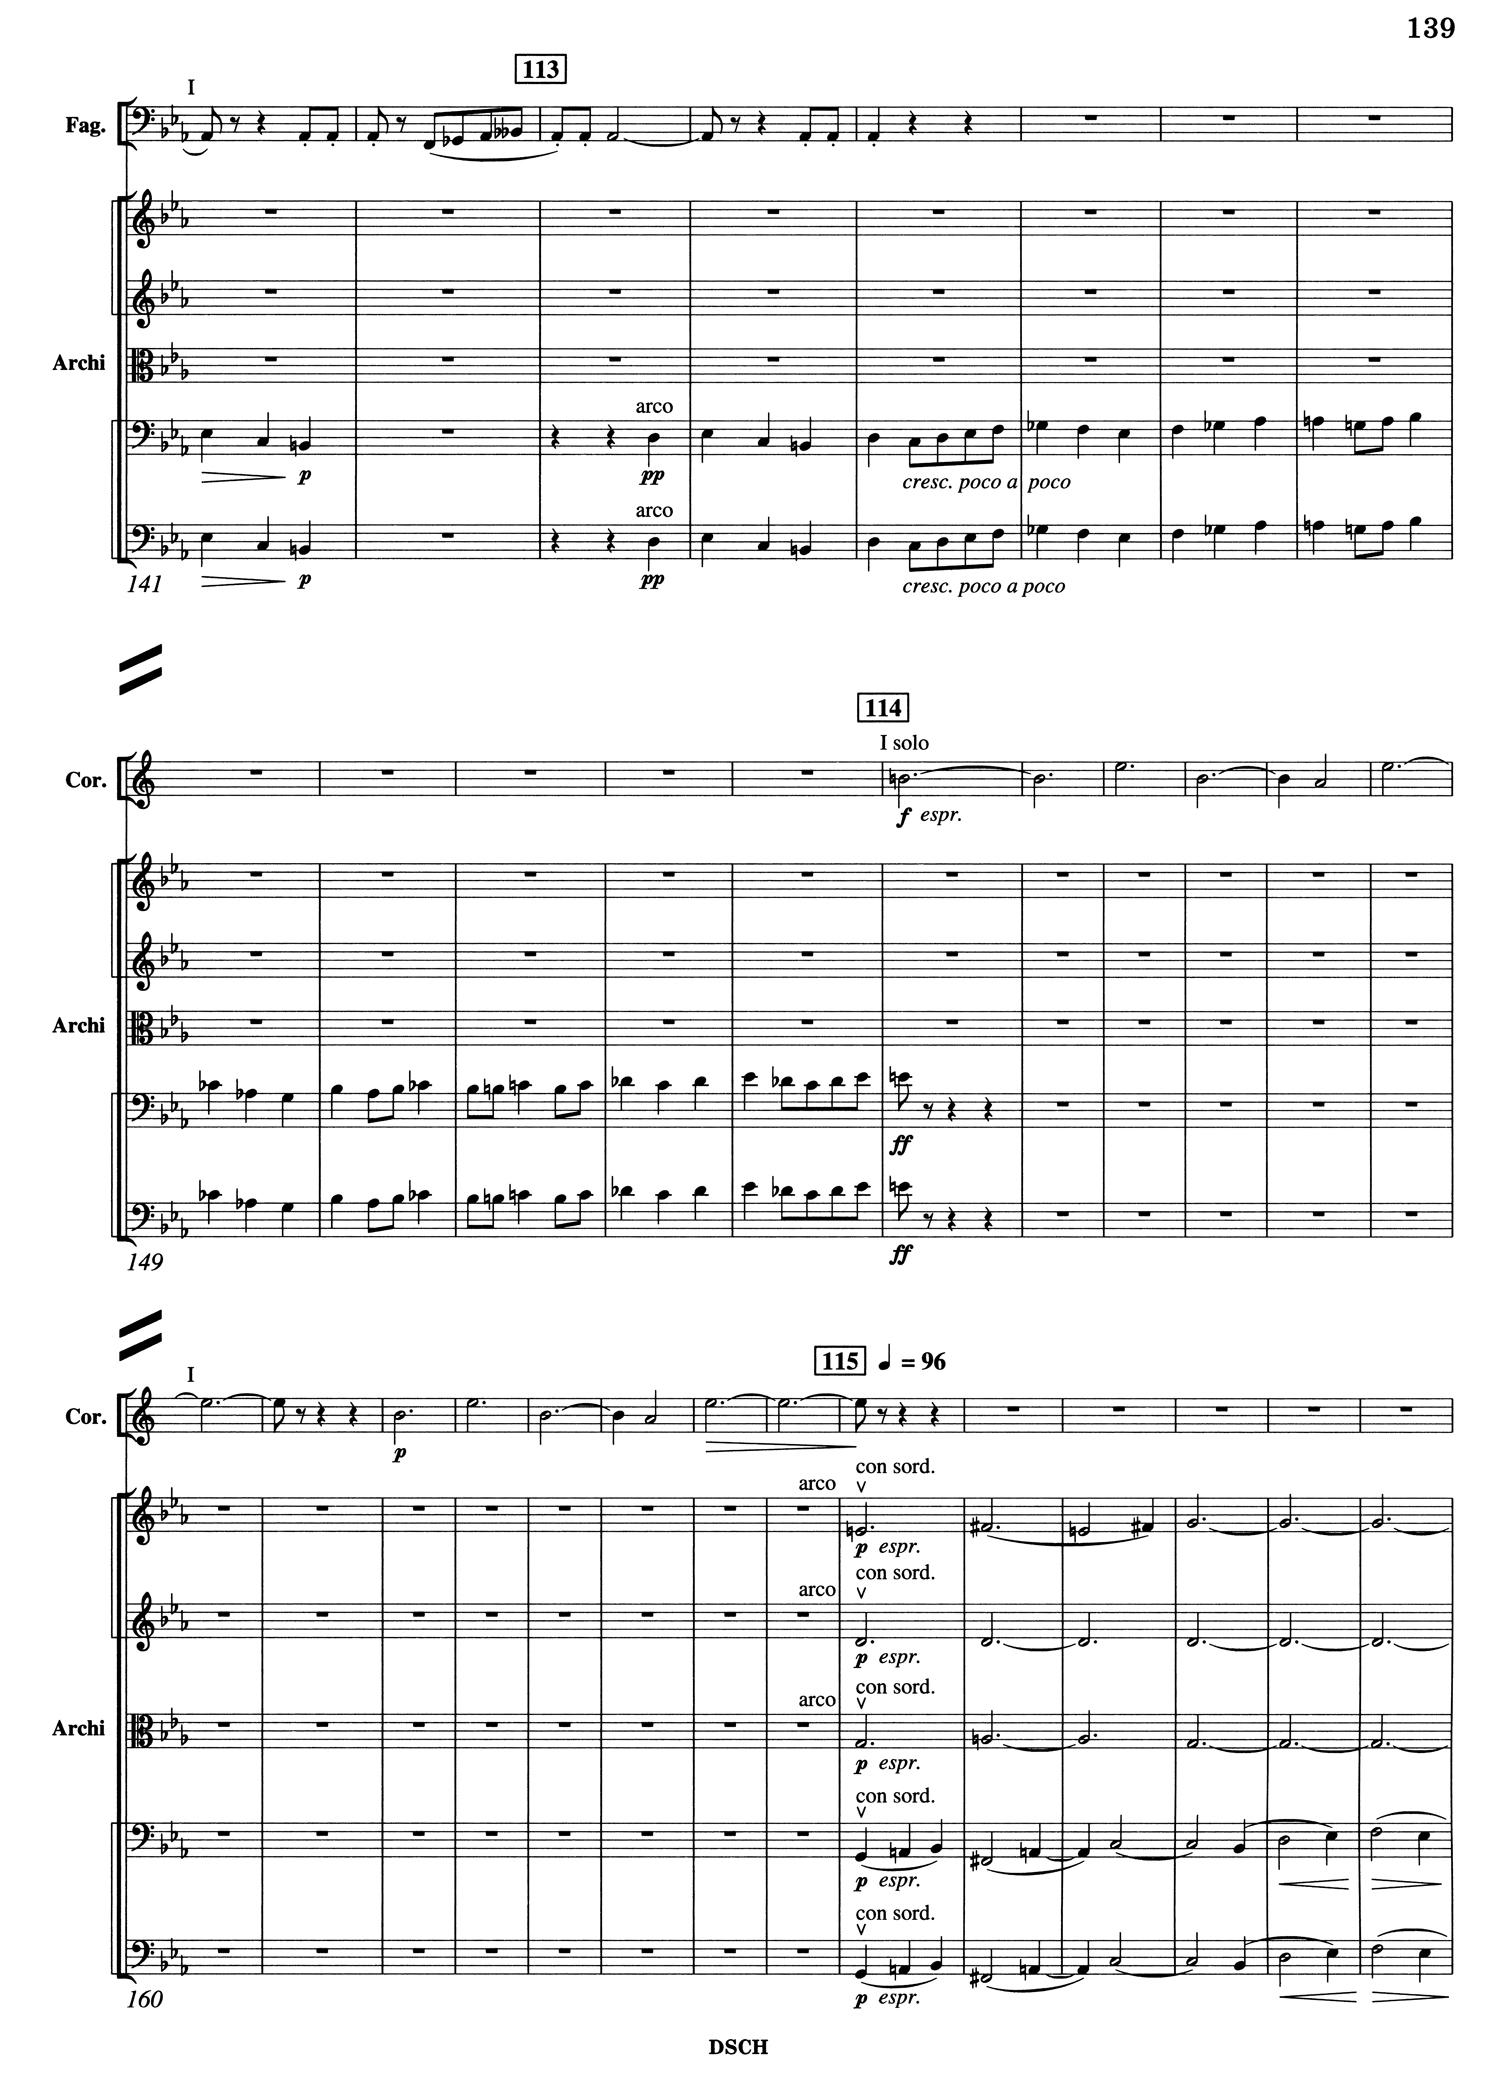 Shostakovich_10_Mvt_3_Score_3.jpg